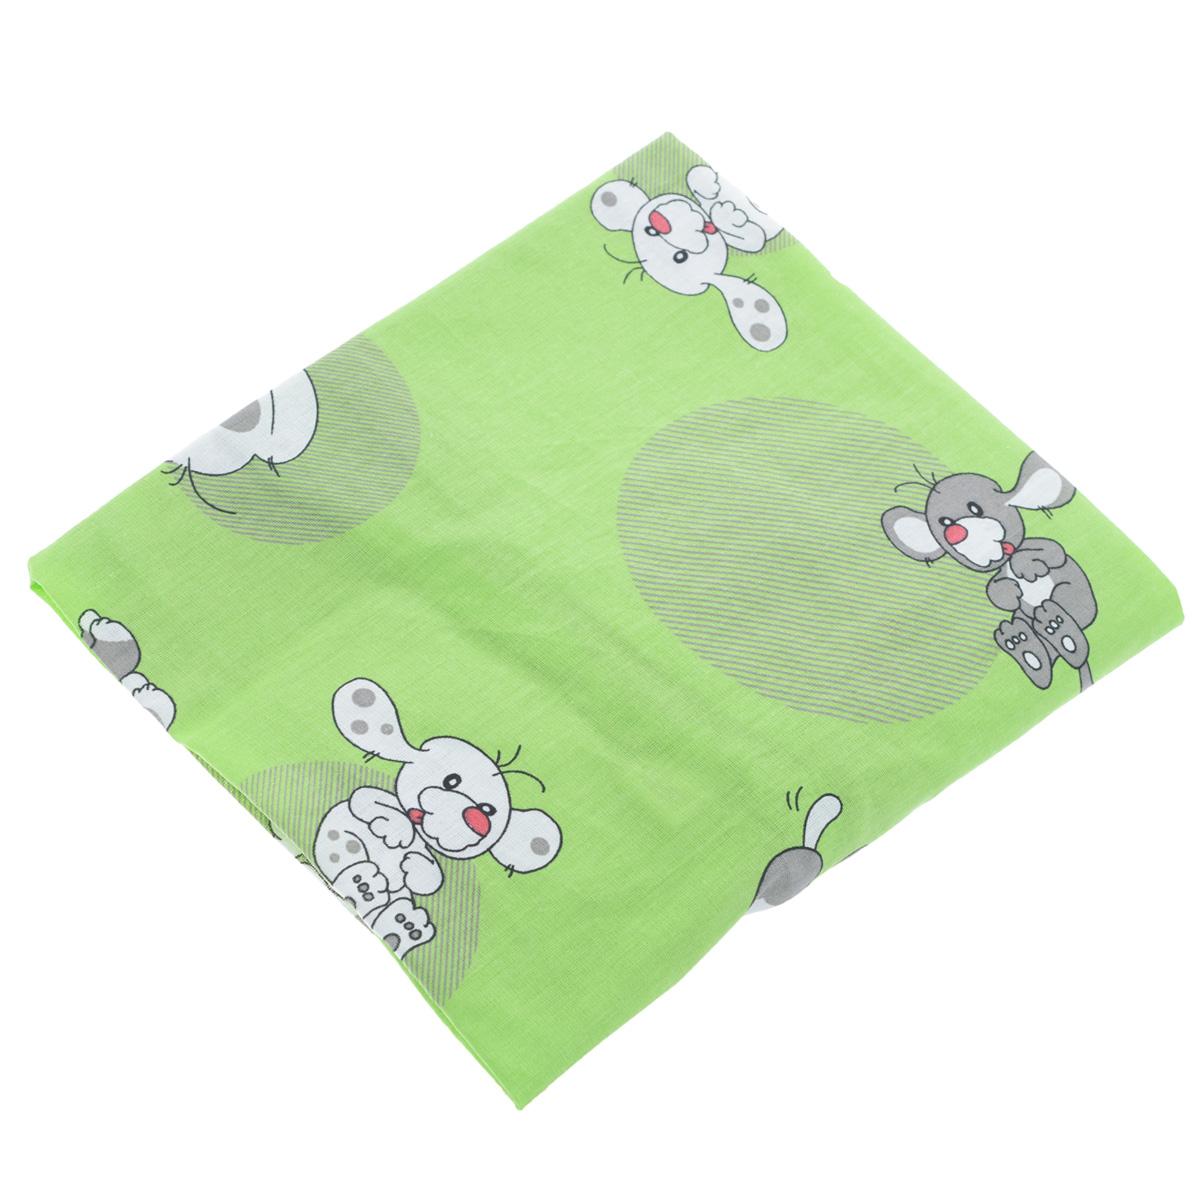 Простыня на резинке Фея Наши друзья, цвет: зеленый, 60 см х 120 см0001050-4Мягкая простыня на резинке Фея Наши друзья идеально подойдет для кроватки вашего малыша и обеспечит ему здоровый сон. Она изготовлена из натурального 100% хлопка, дарящего малышу непревзойденную мягкость. Простыня с помощью специальной резинки растягивается на матрасе. Она не сомнется и не скомкается, как бы не вертелся ребенок. Подарите вашему малышу комфорт и удобство!